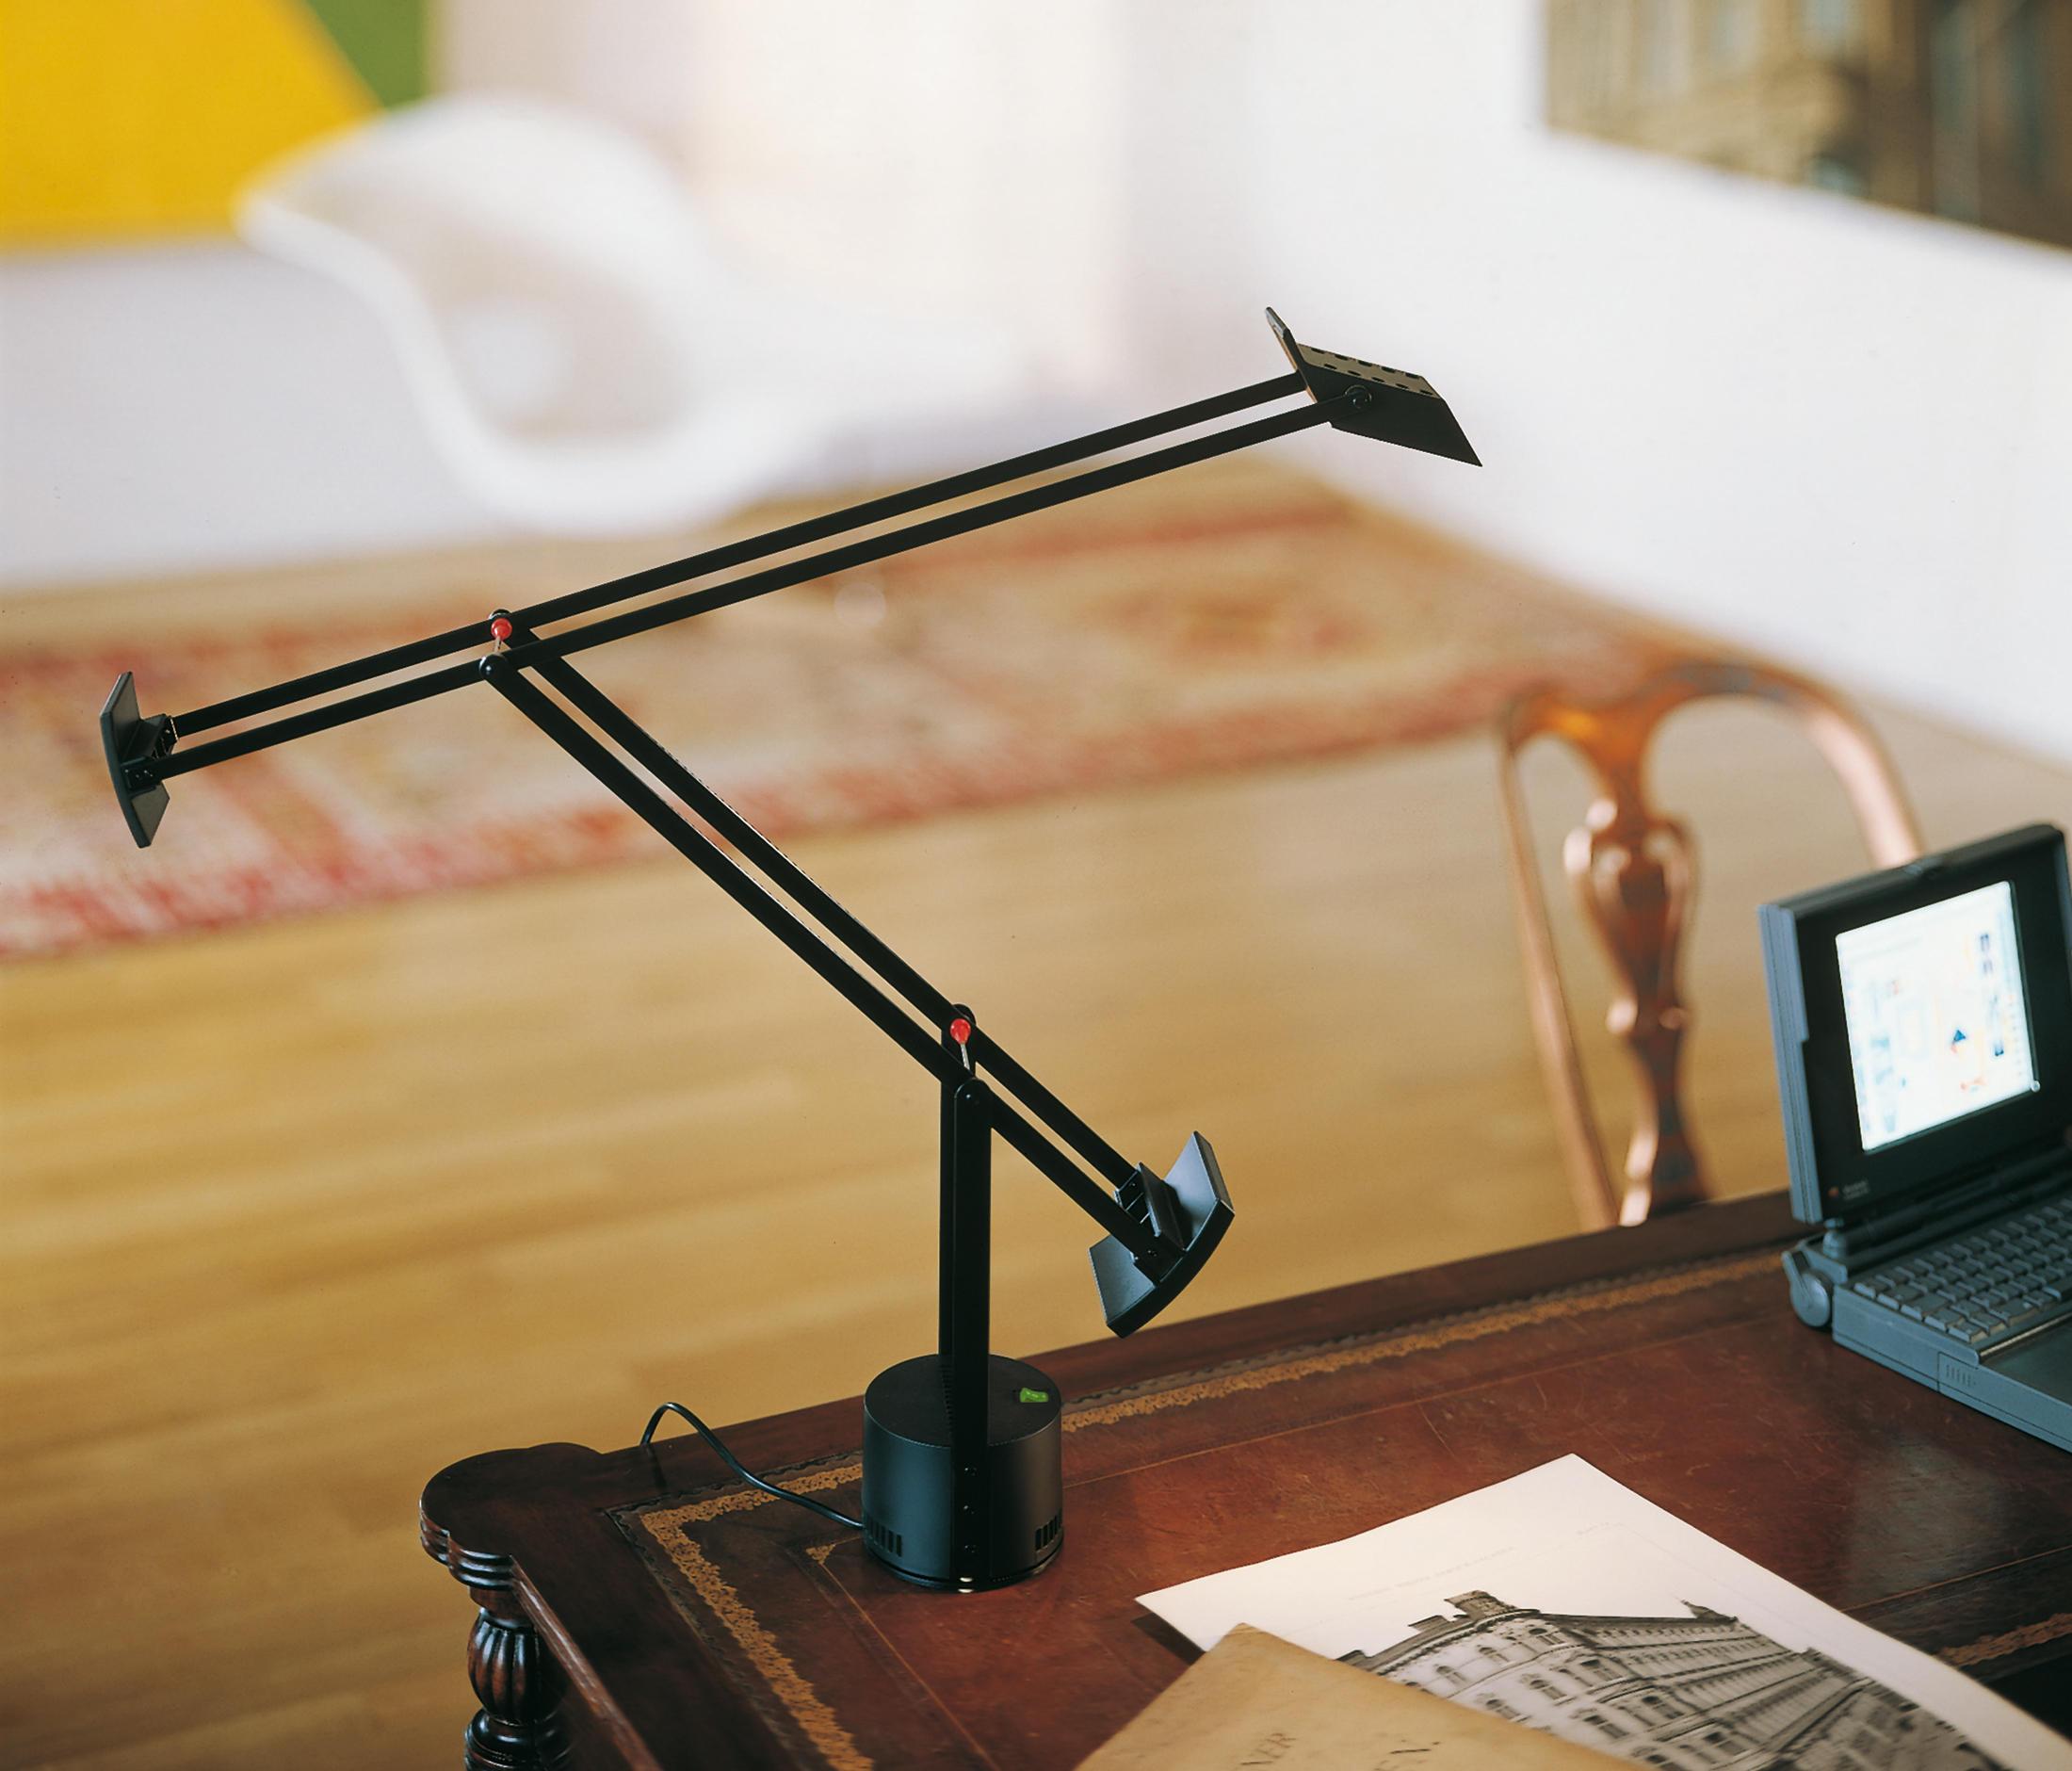 Lampade Da Tavolo Di Lavoro : Tizio lampade da tavolo postazione di lavoro